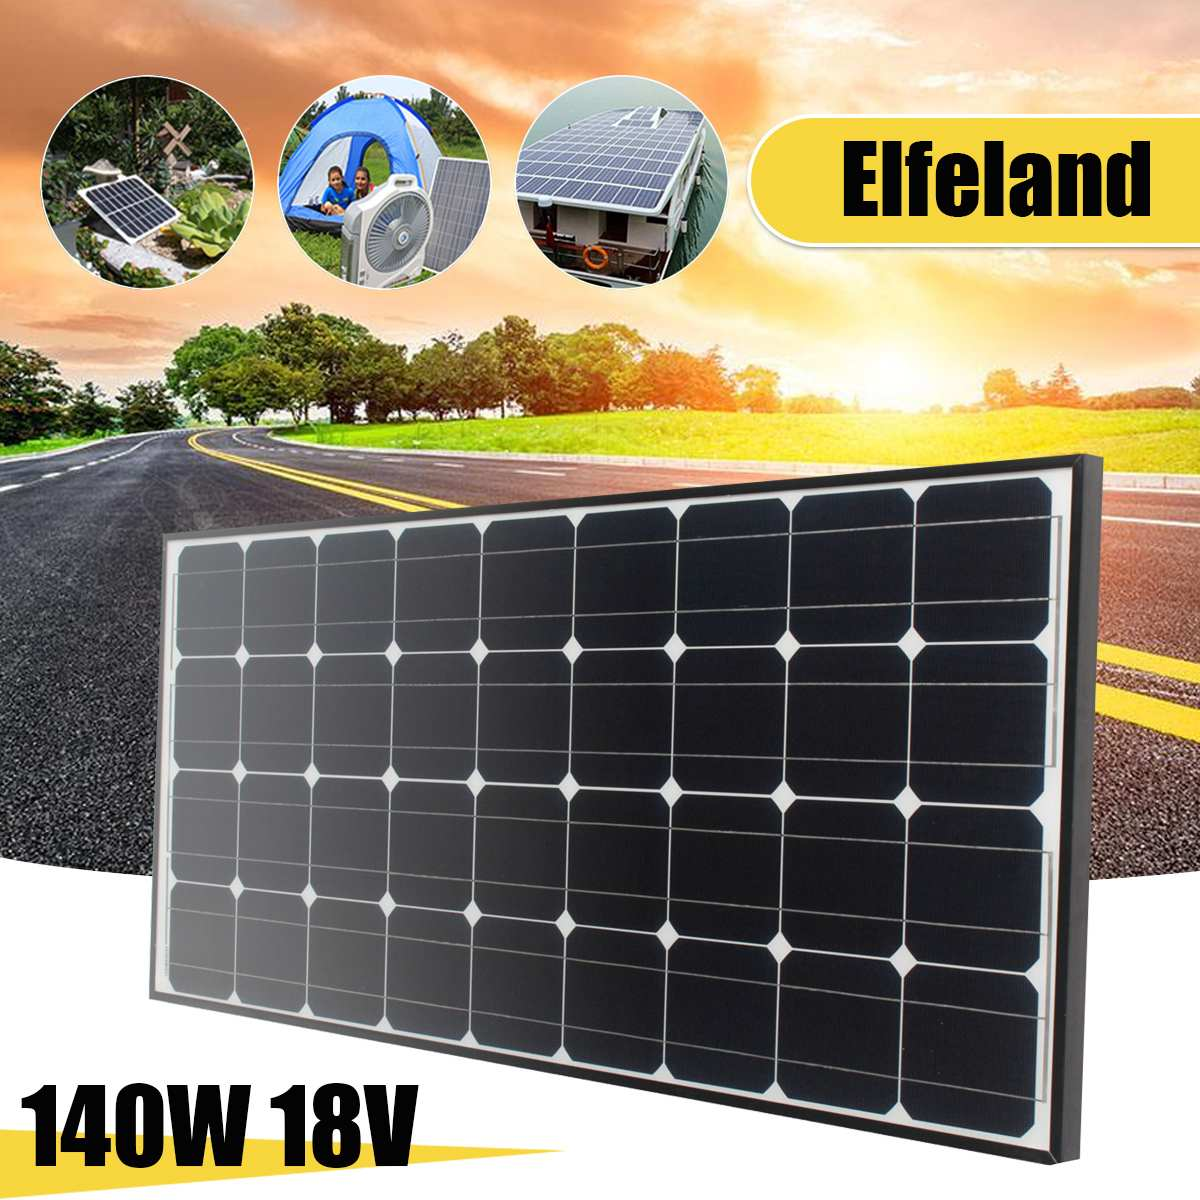 Монокристаллические силиконовые солнечные панели серебристого и черного цвета автомобильные аккумуляторы RV, лодка корабль летательные ап